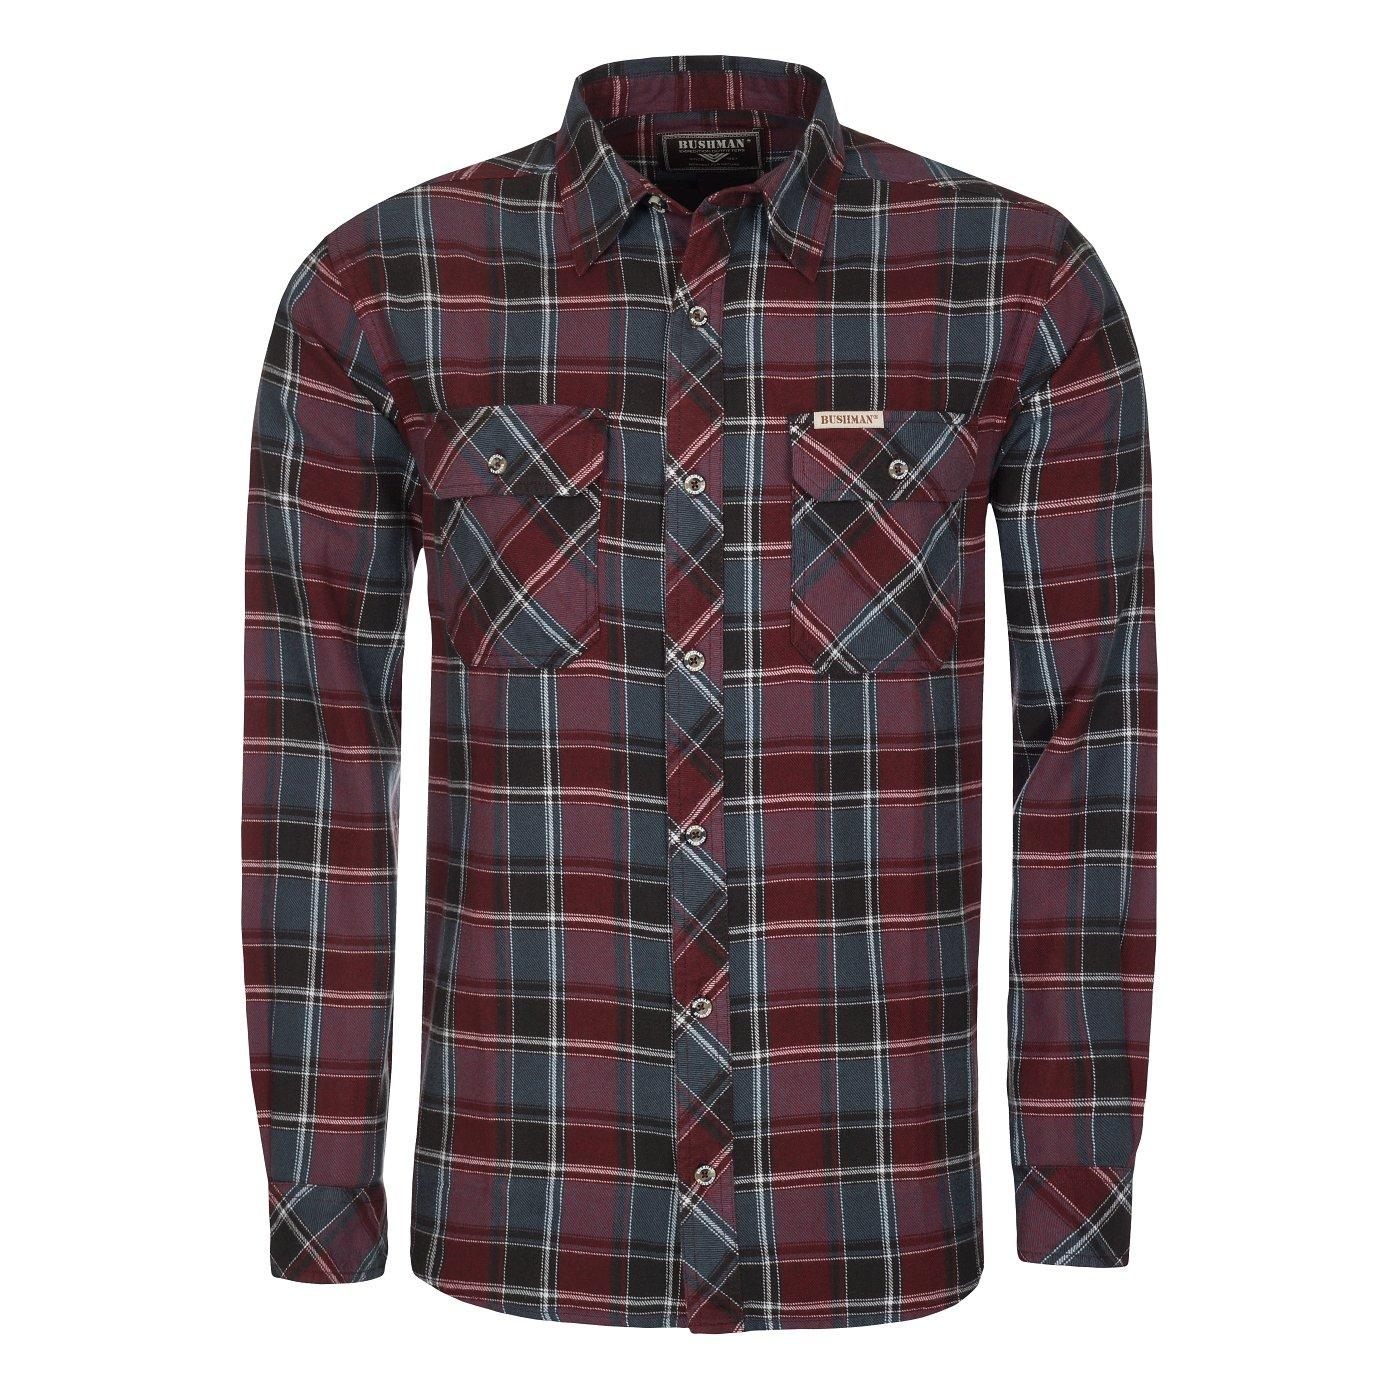 Bushman Outfitters Herren Long Sleeve Langley Shirt